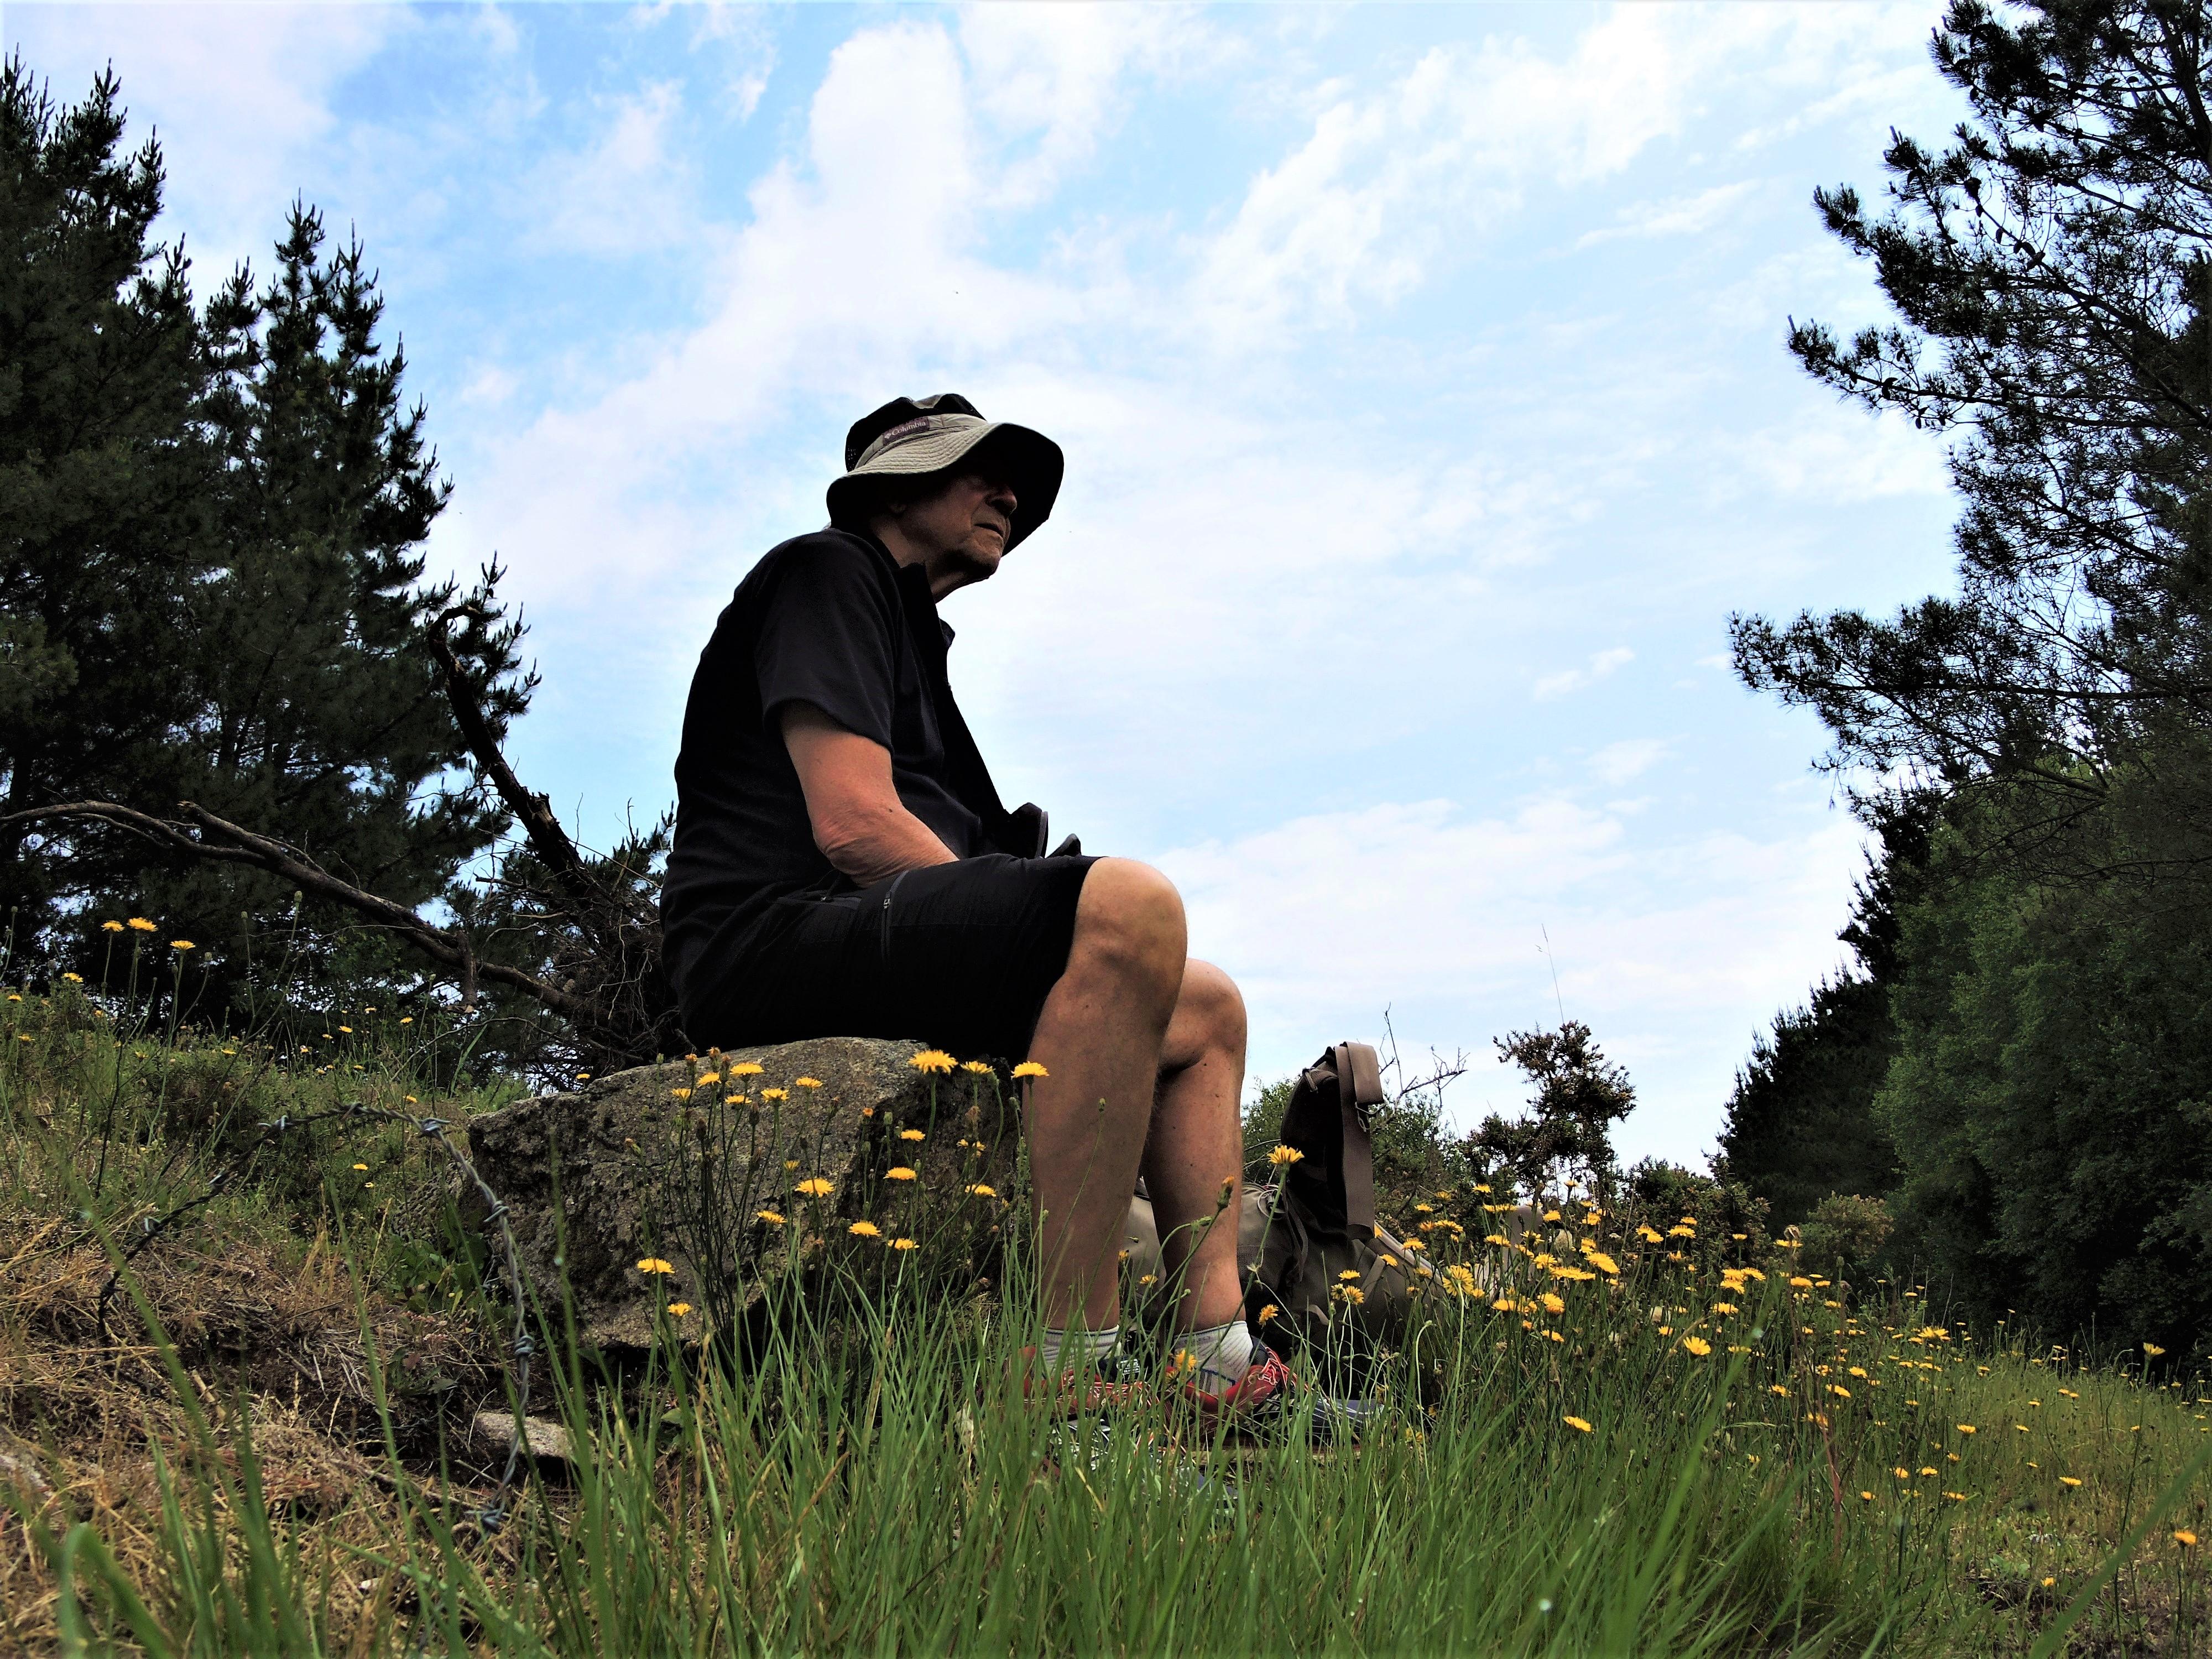 Kurze Pause in der Natur tut gut dem Körper und motiviert den Geist.